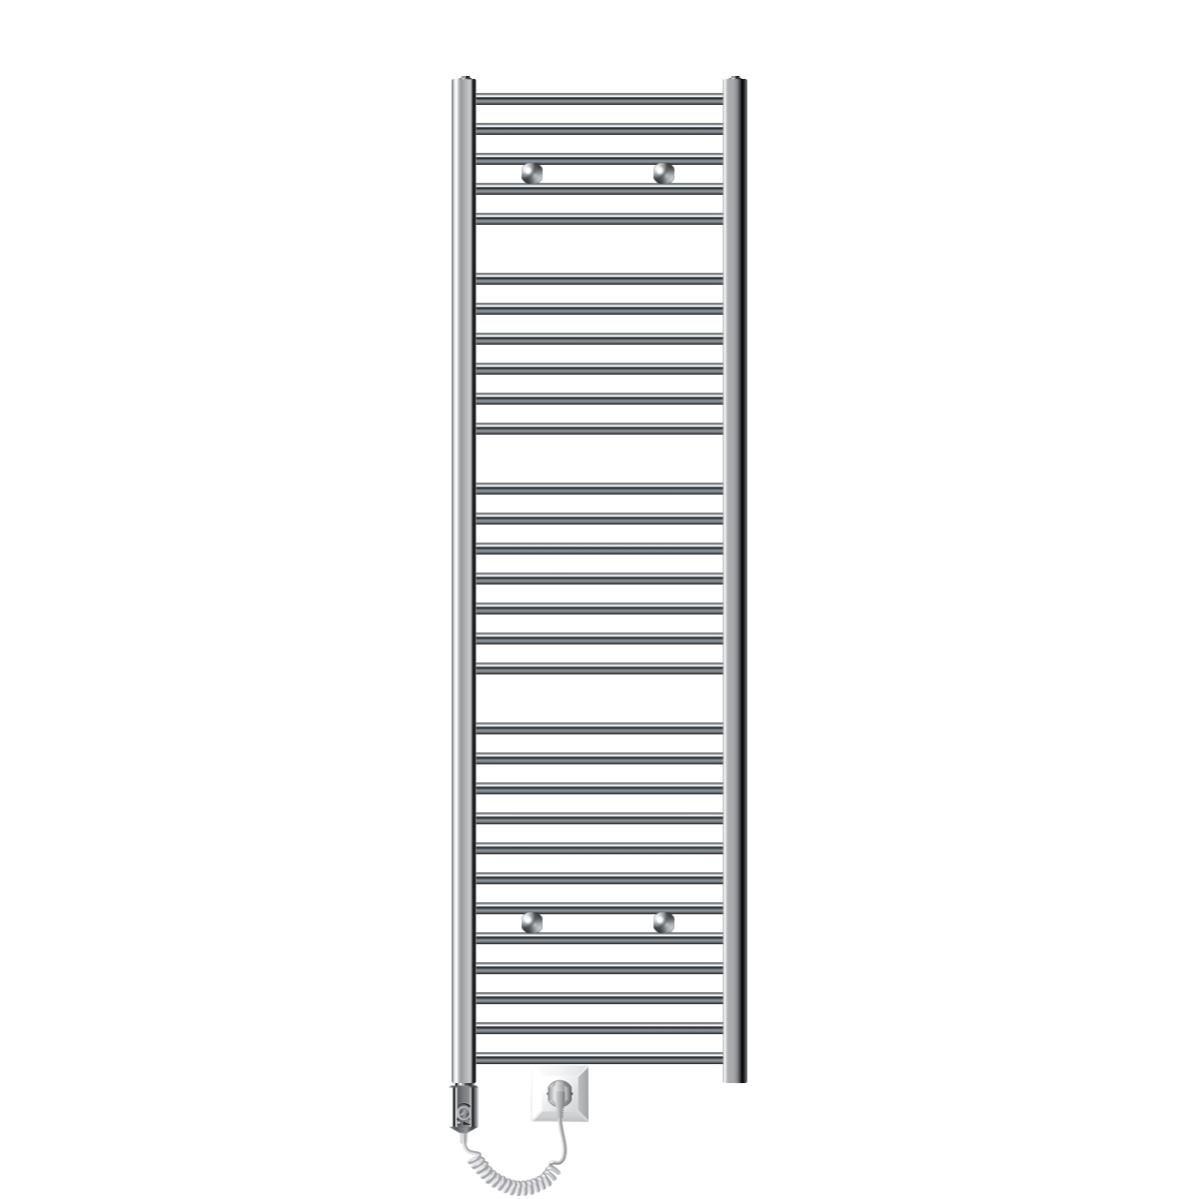 Blanc Radiateur S/èche Serviette Vertical Pour Salle de Bain Design Panneau Plat ECD Germany Stella Design Radiateur S/èche-Serviettes 250 x 1800 mm